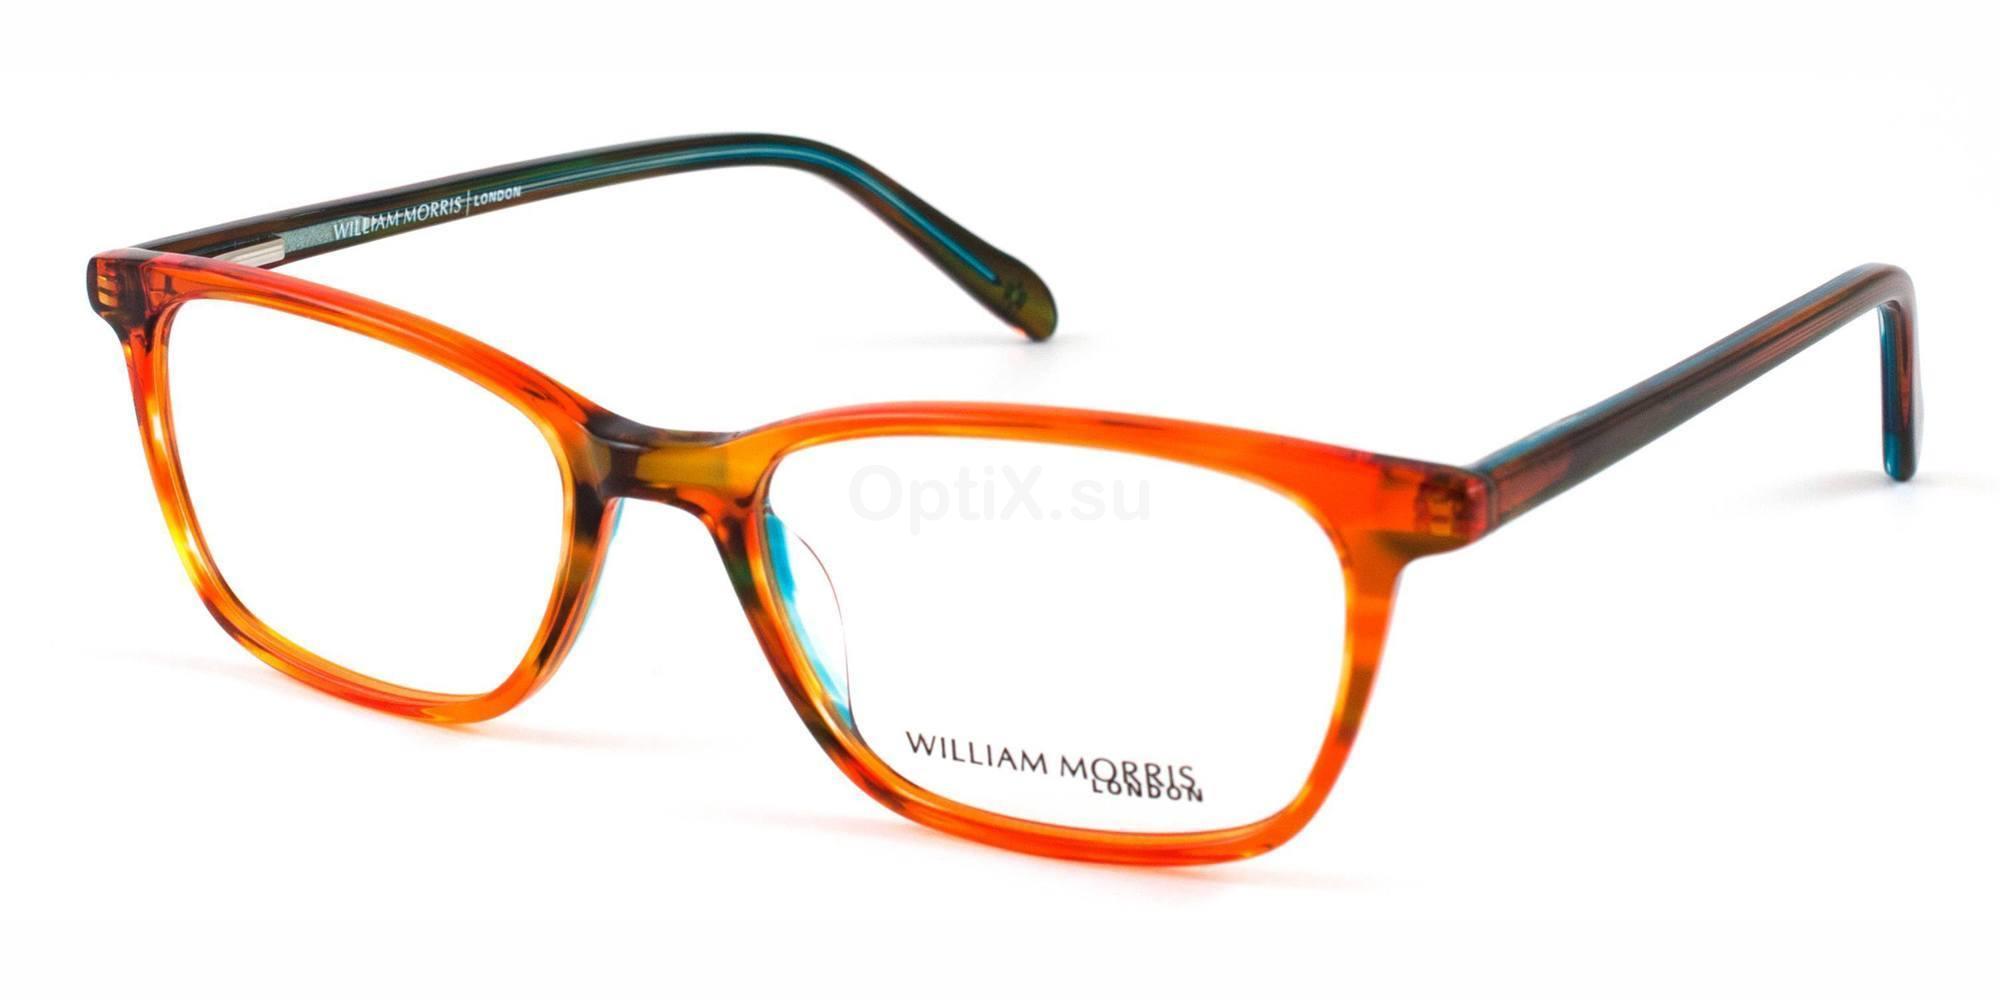 C1 WL2910 , William Morris London